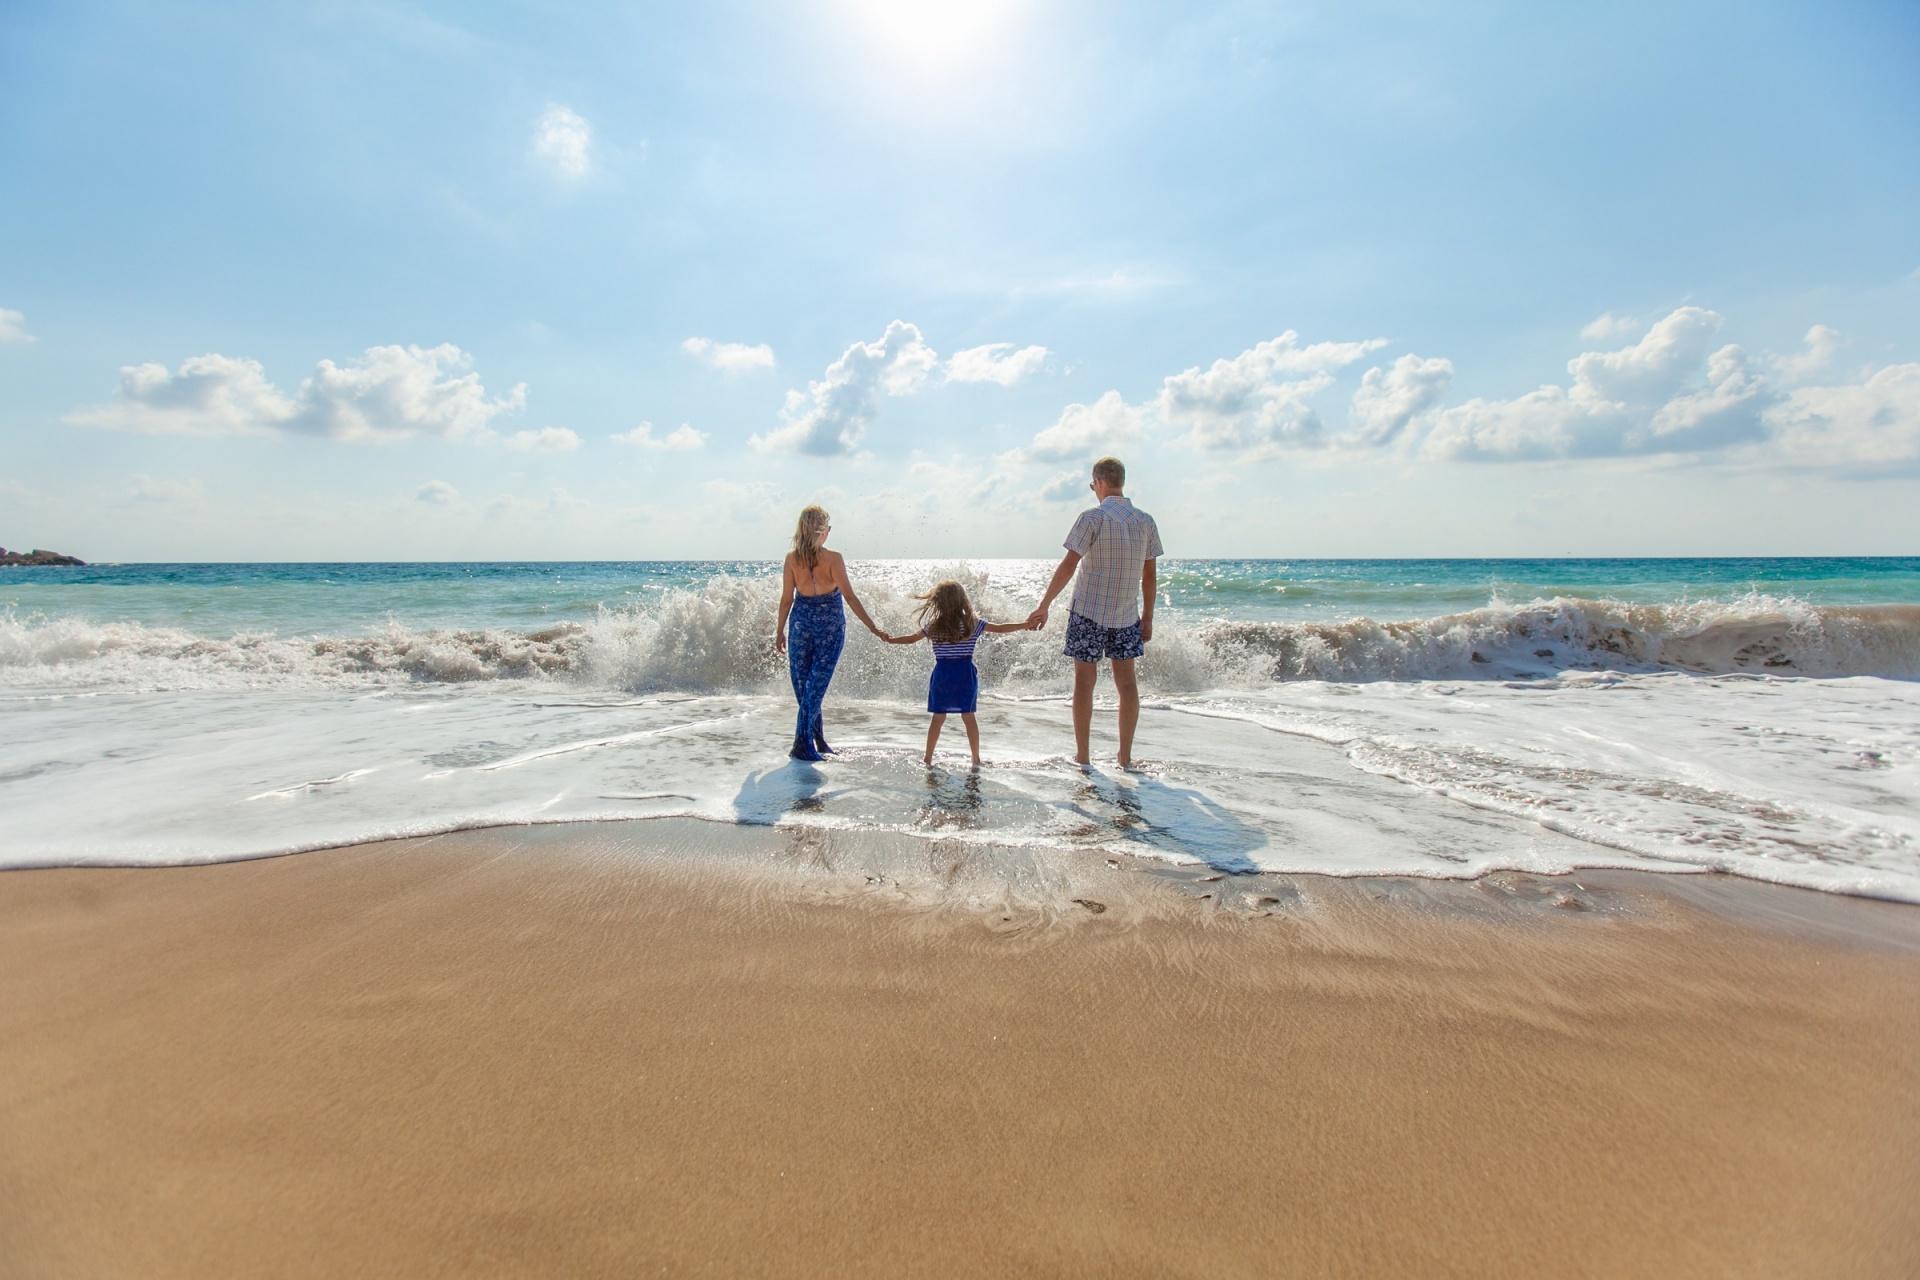 Voyage en famille - vacances île maurice